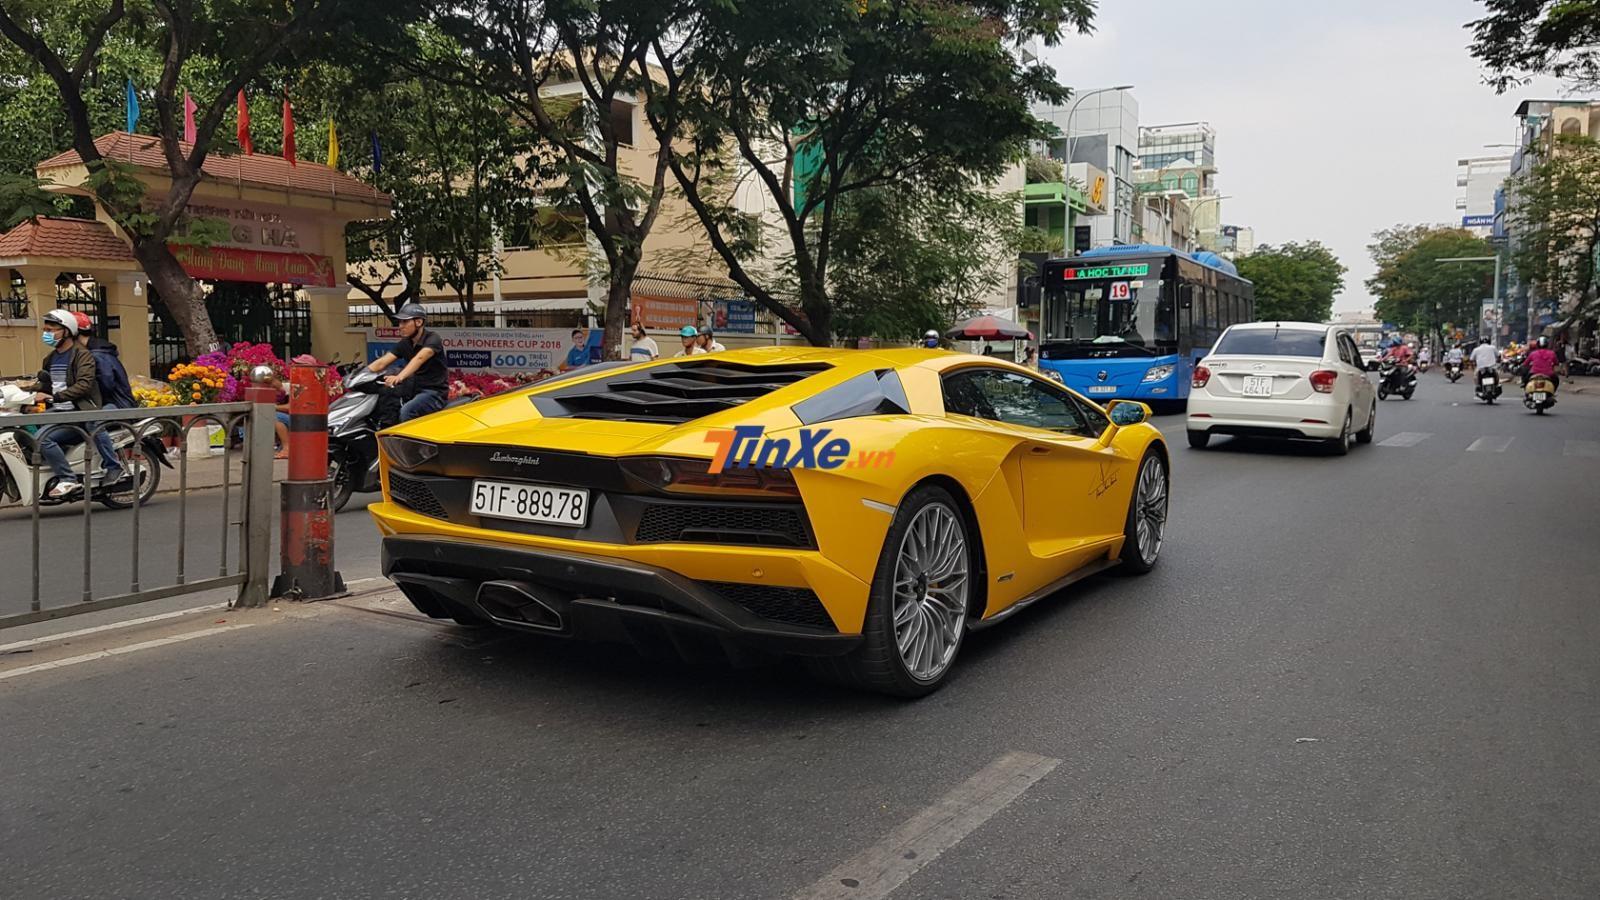 Siêu xe Lamborghini Aventador S LP740-4 của doanh nhân quận 12 có giá 48 tỷ đồng